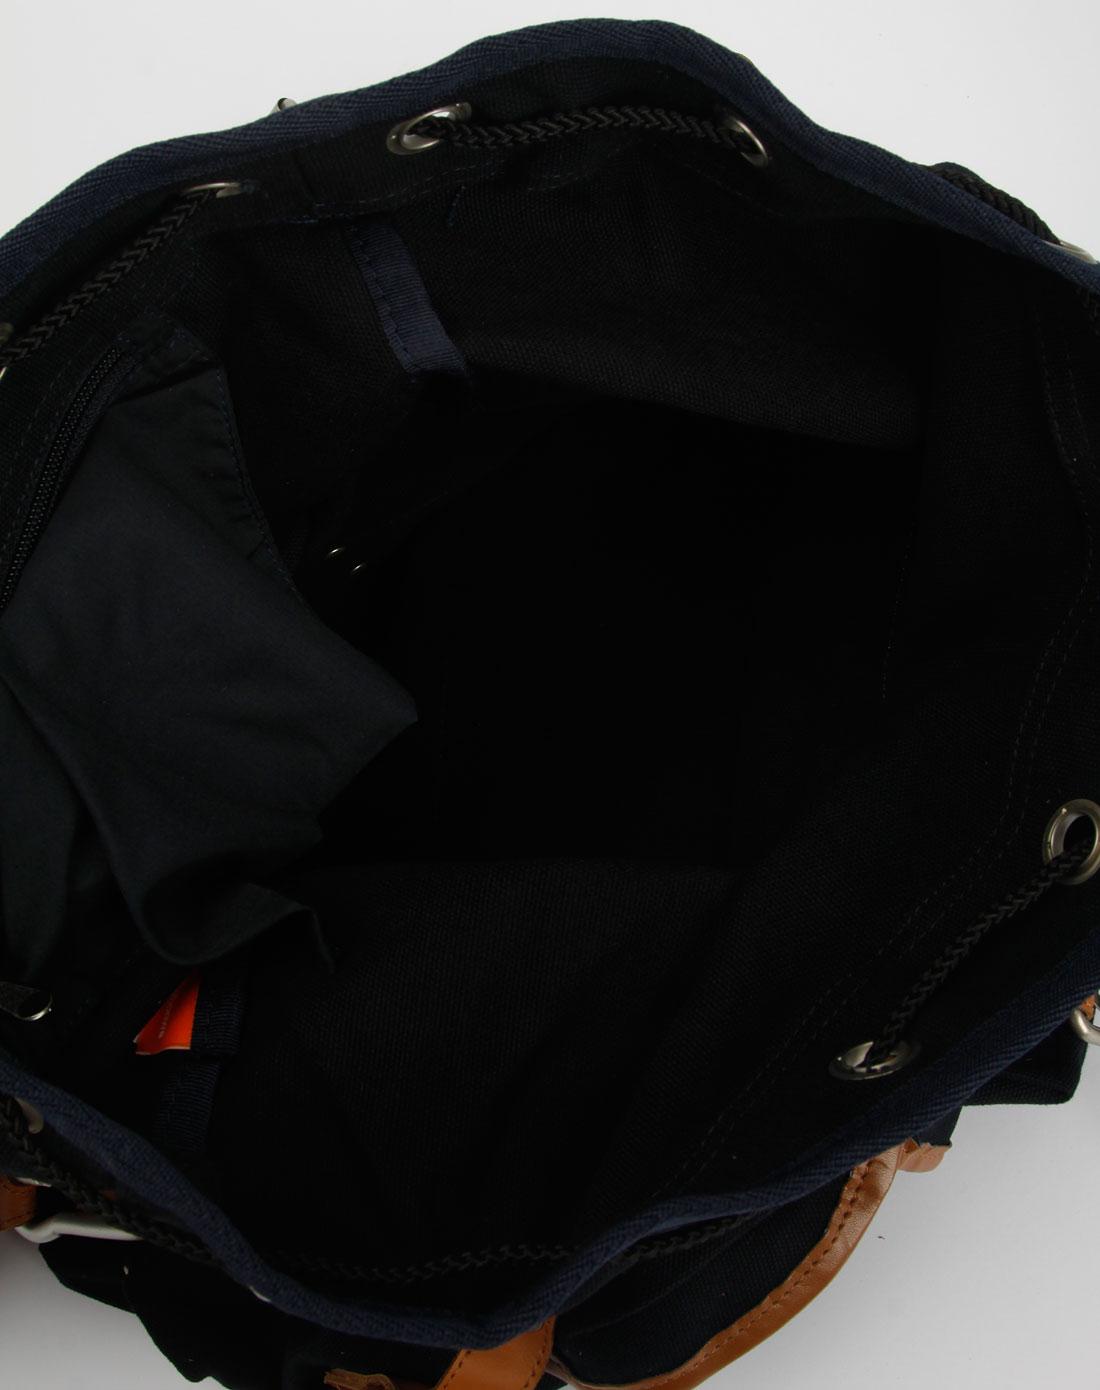 美特斯邦威中性黑/棕色双肩背包